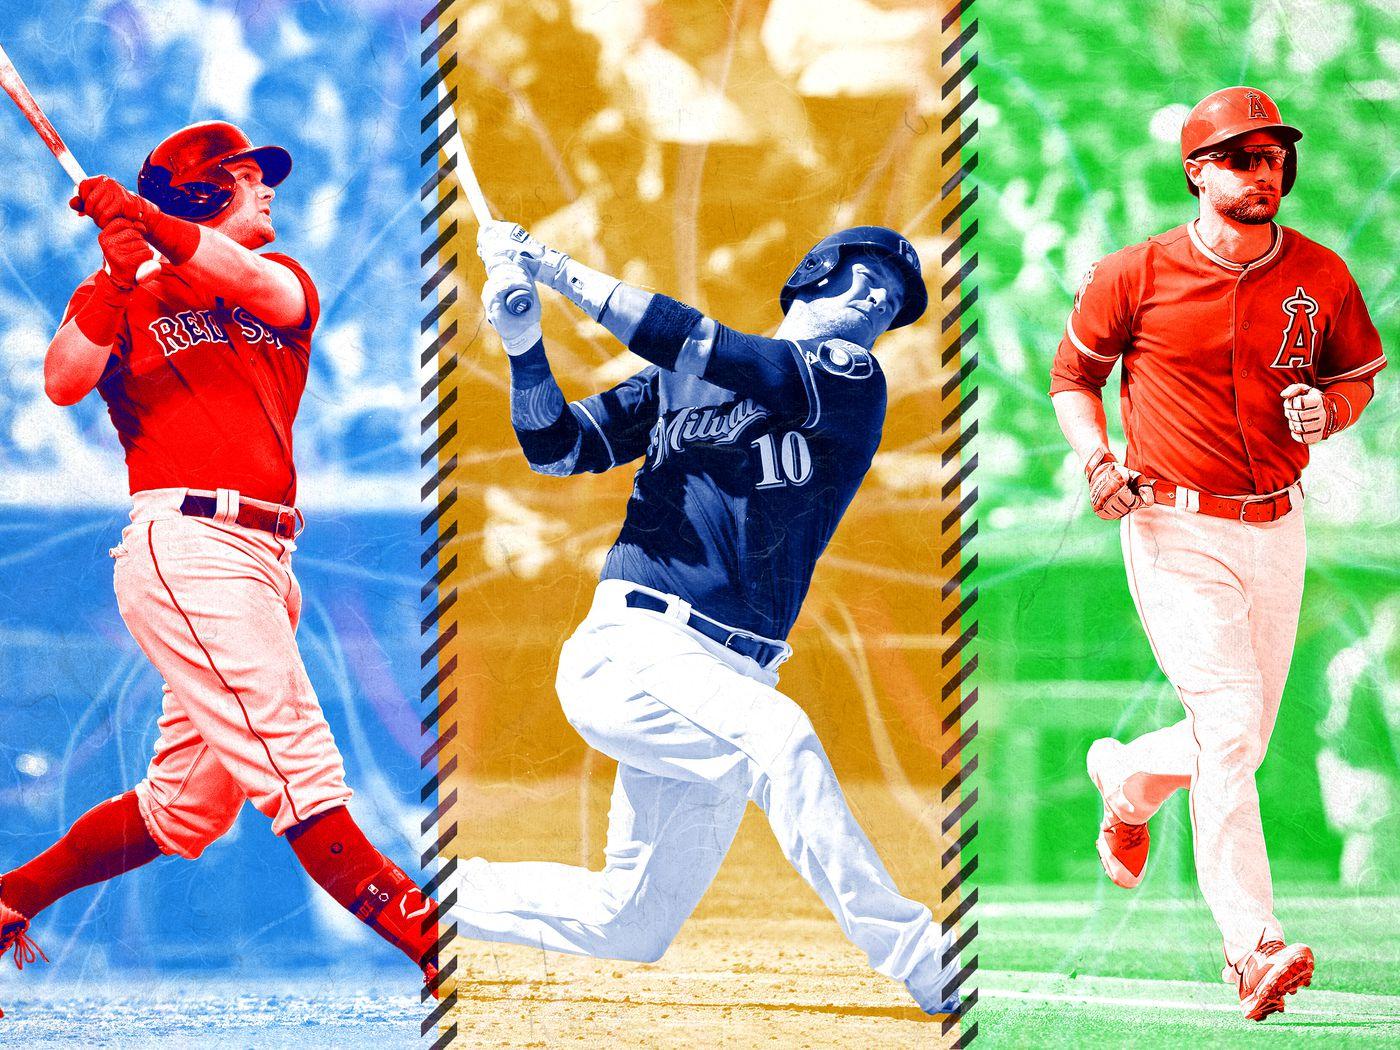 MLB's Spring Training on Three True Outcomes: Walks